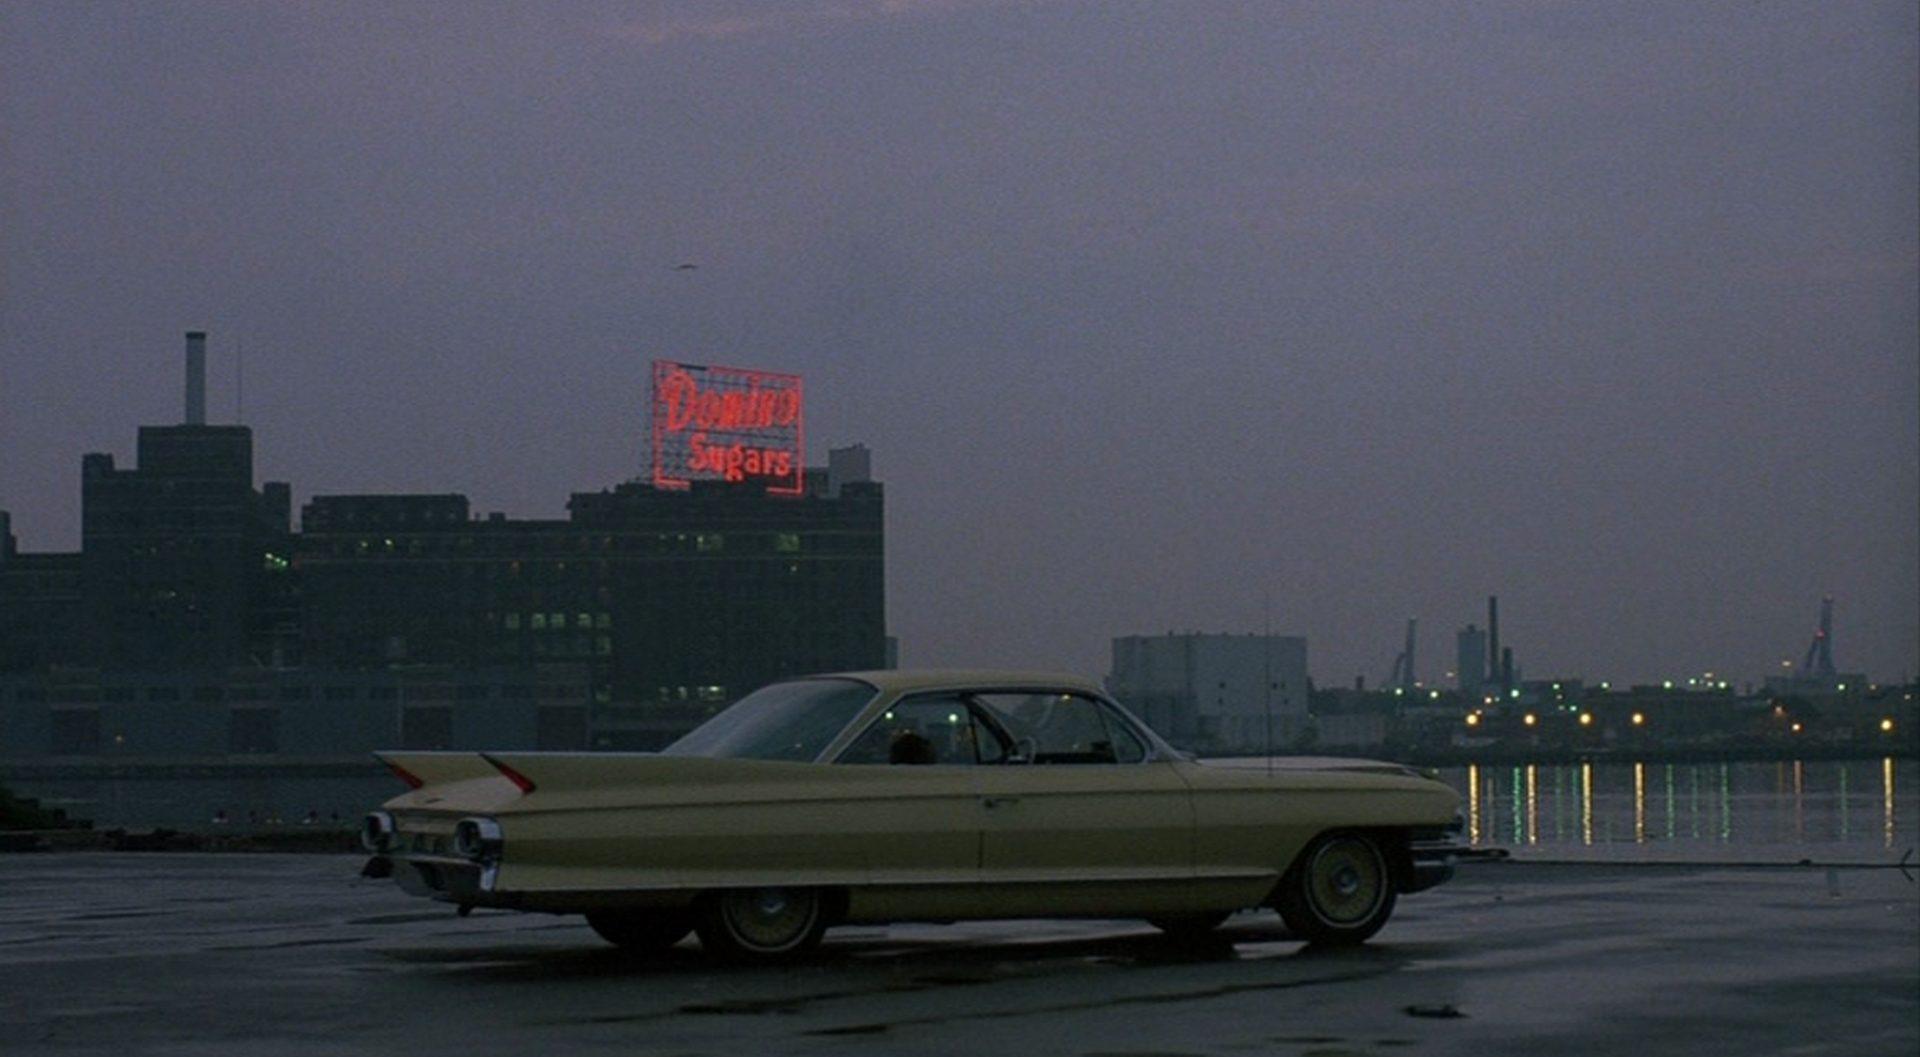 Limousine mit spitzen Heckflossen in der Dämmerung am Pier, im Hintergrund Hafenlichter.